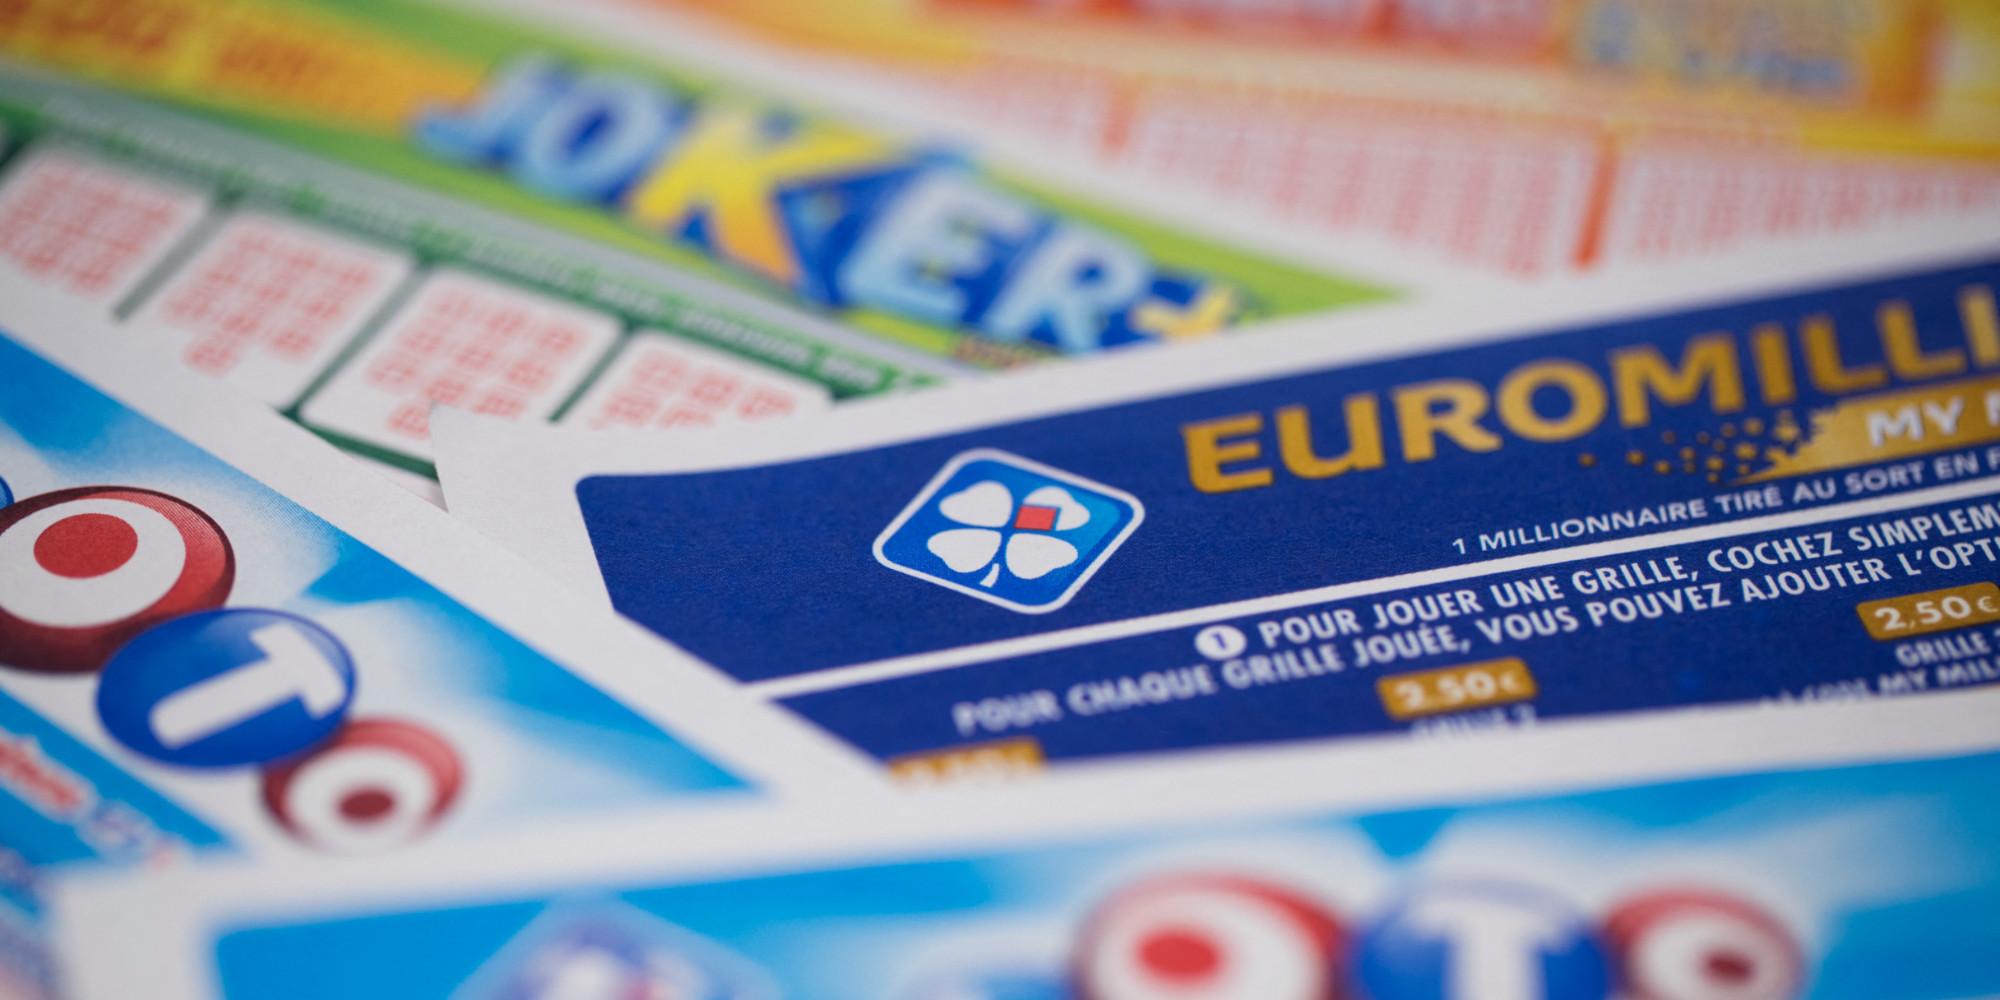 Euromillions : jackpot record de 220 millions d'euros remporté en France